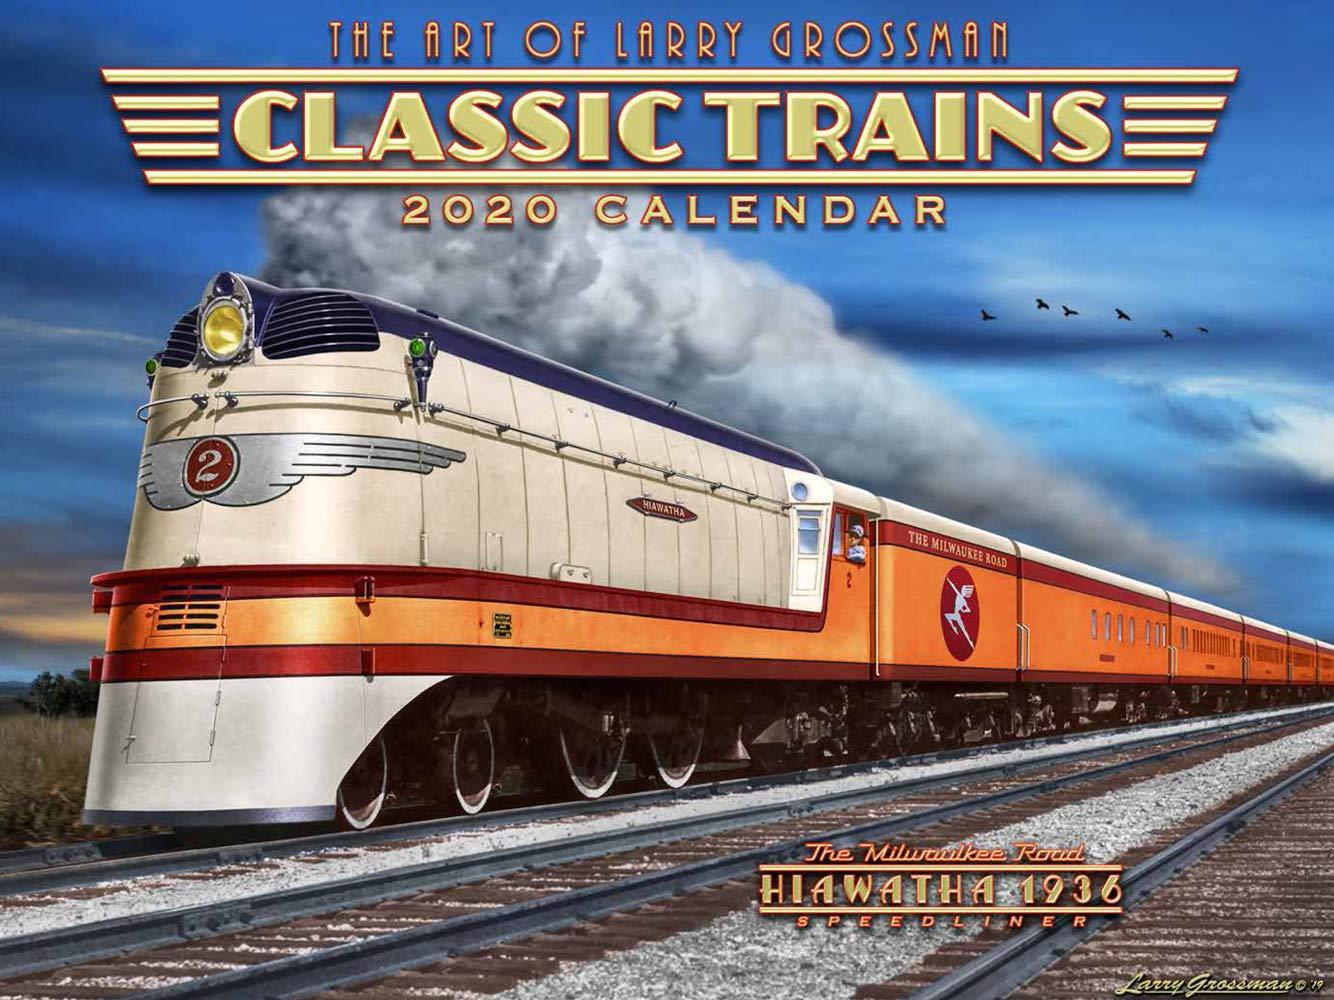 2020 CLASSIC TRAINS Art Calendar by Larry Grossman